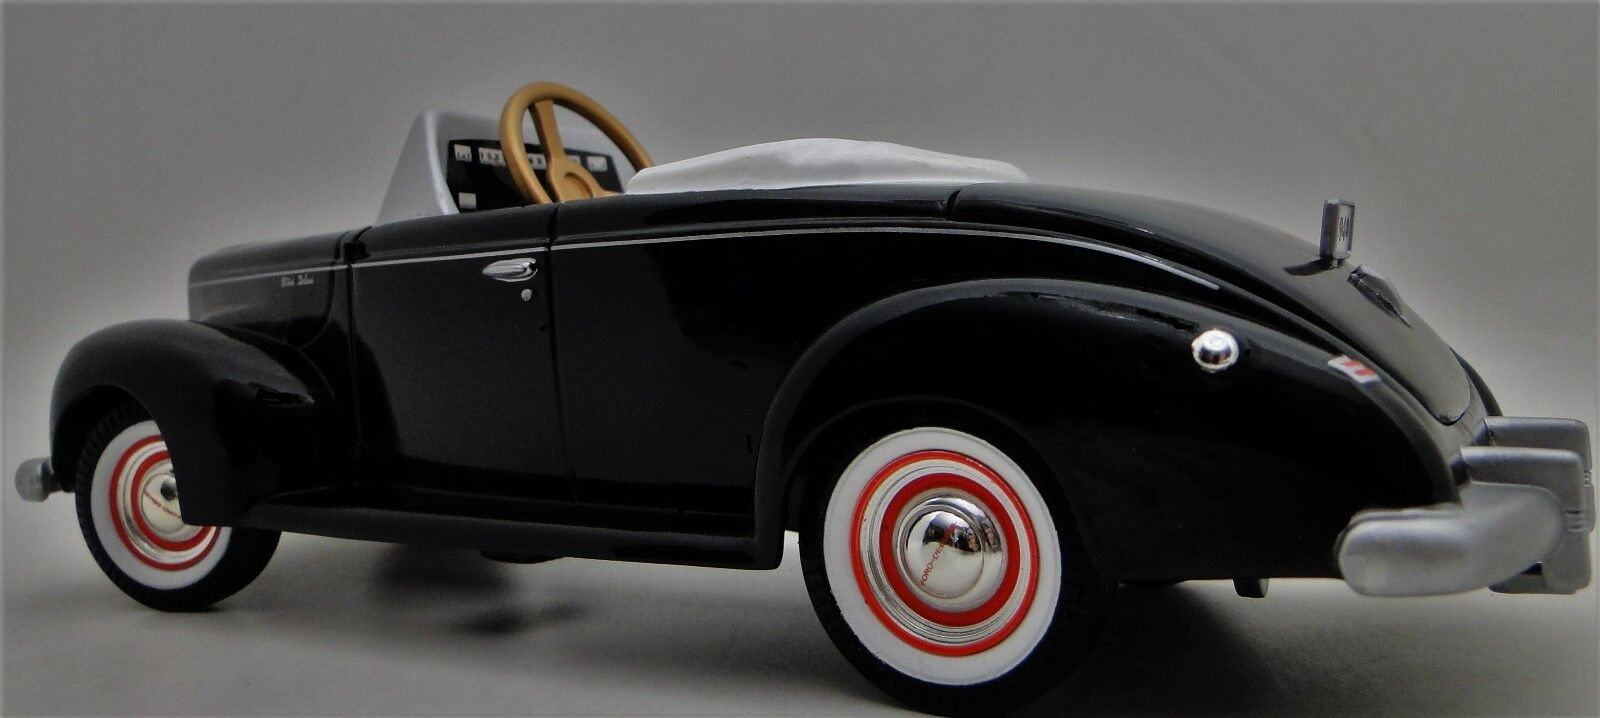 Auto A Pedal 1940s Ford Vintage Metal Negro Coleccionista     leer la descripción completa página